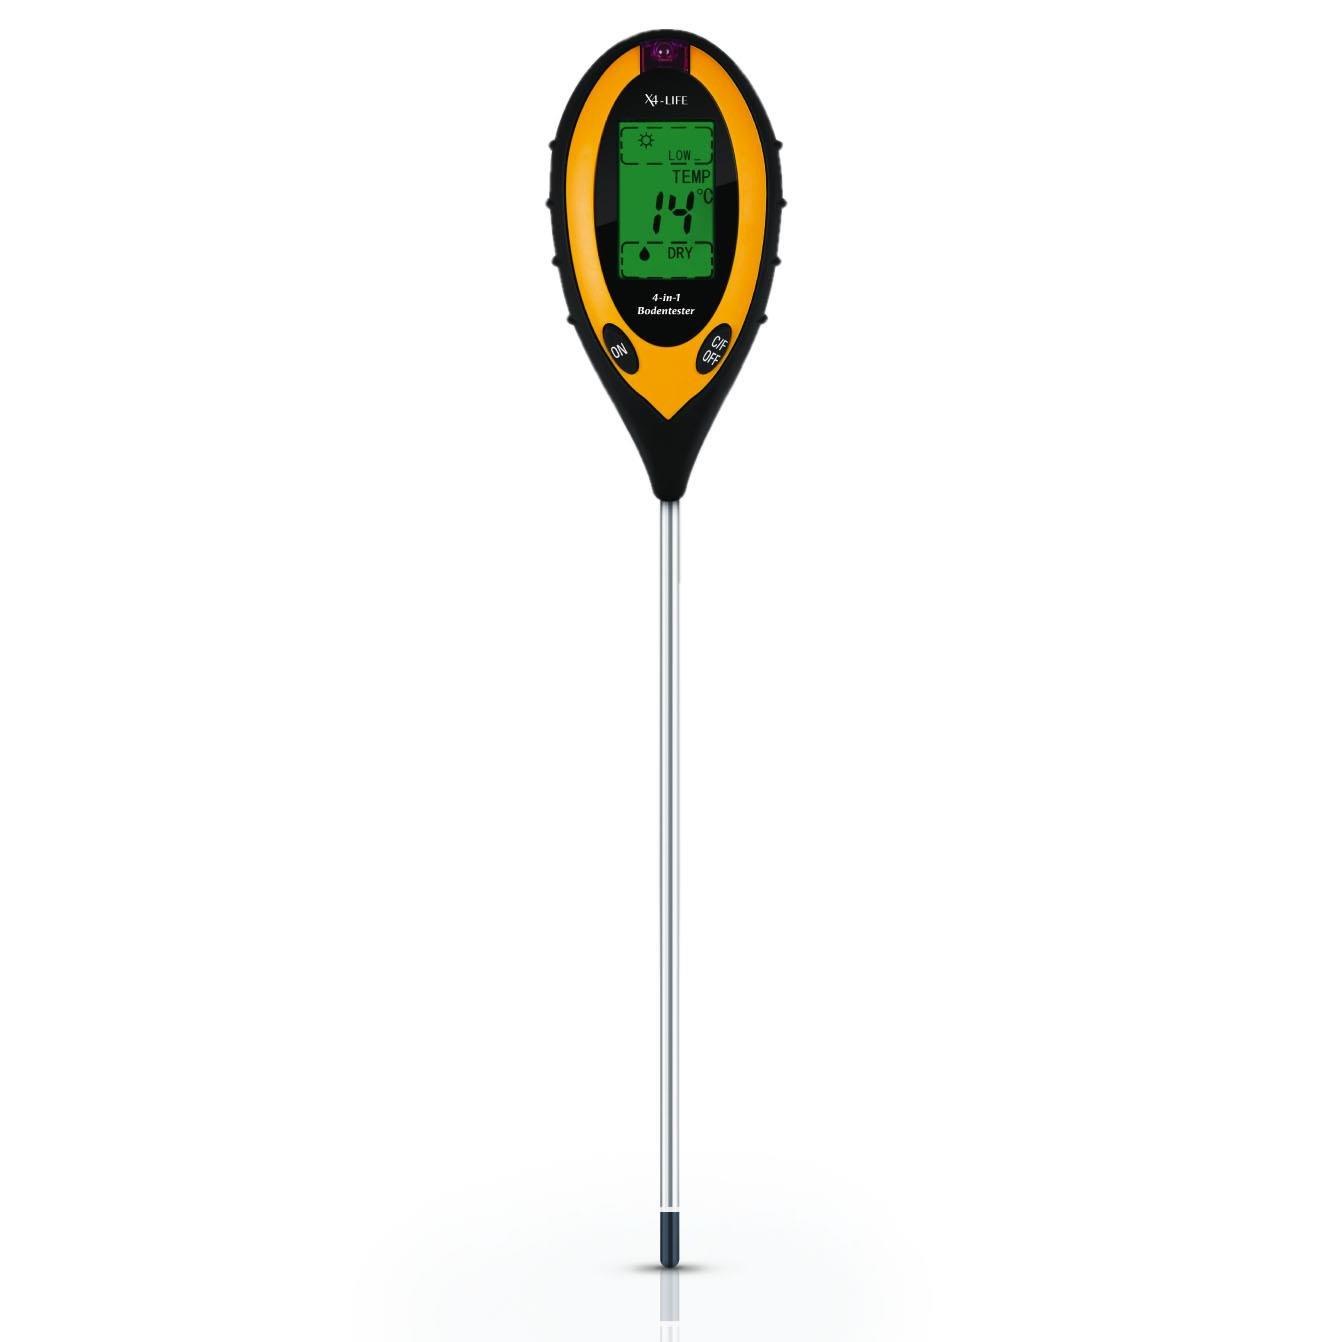 X4-LIFE 700403 Testeur de sol à affichage numérique 4 en 1